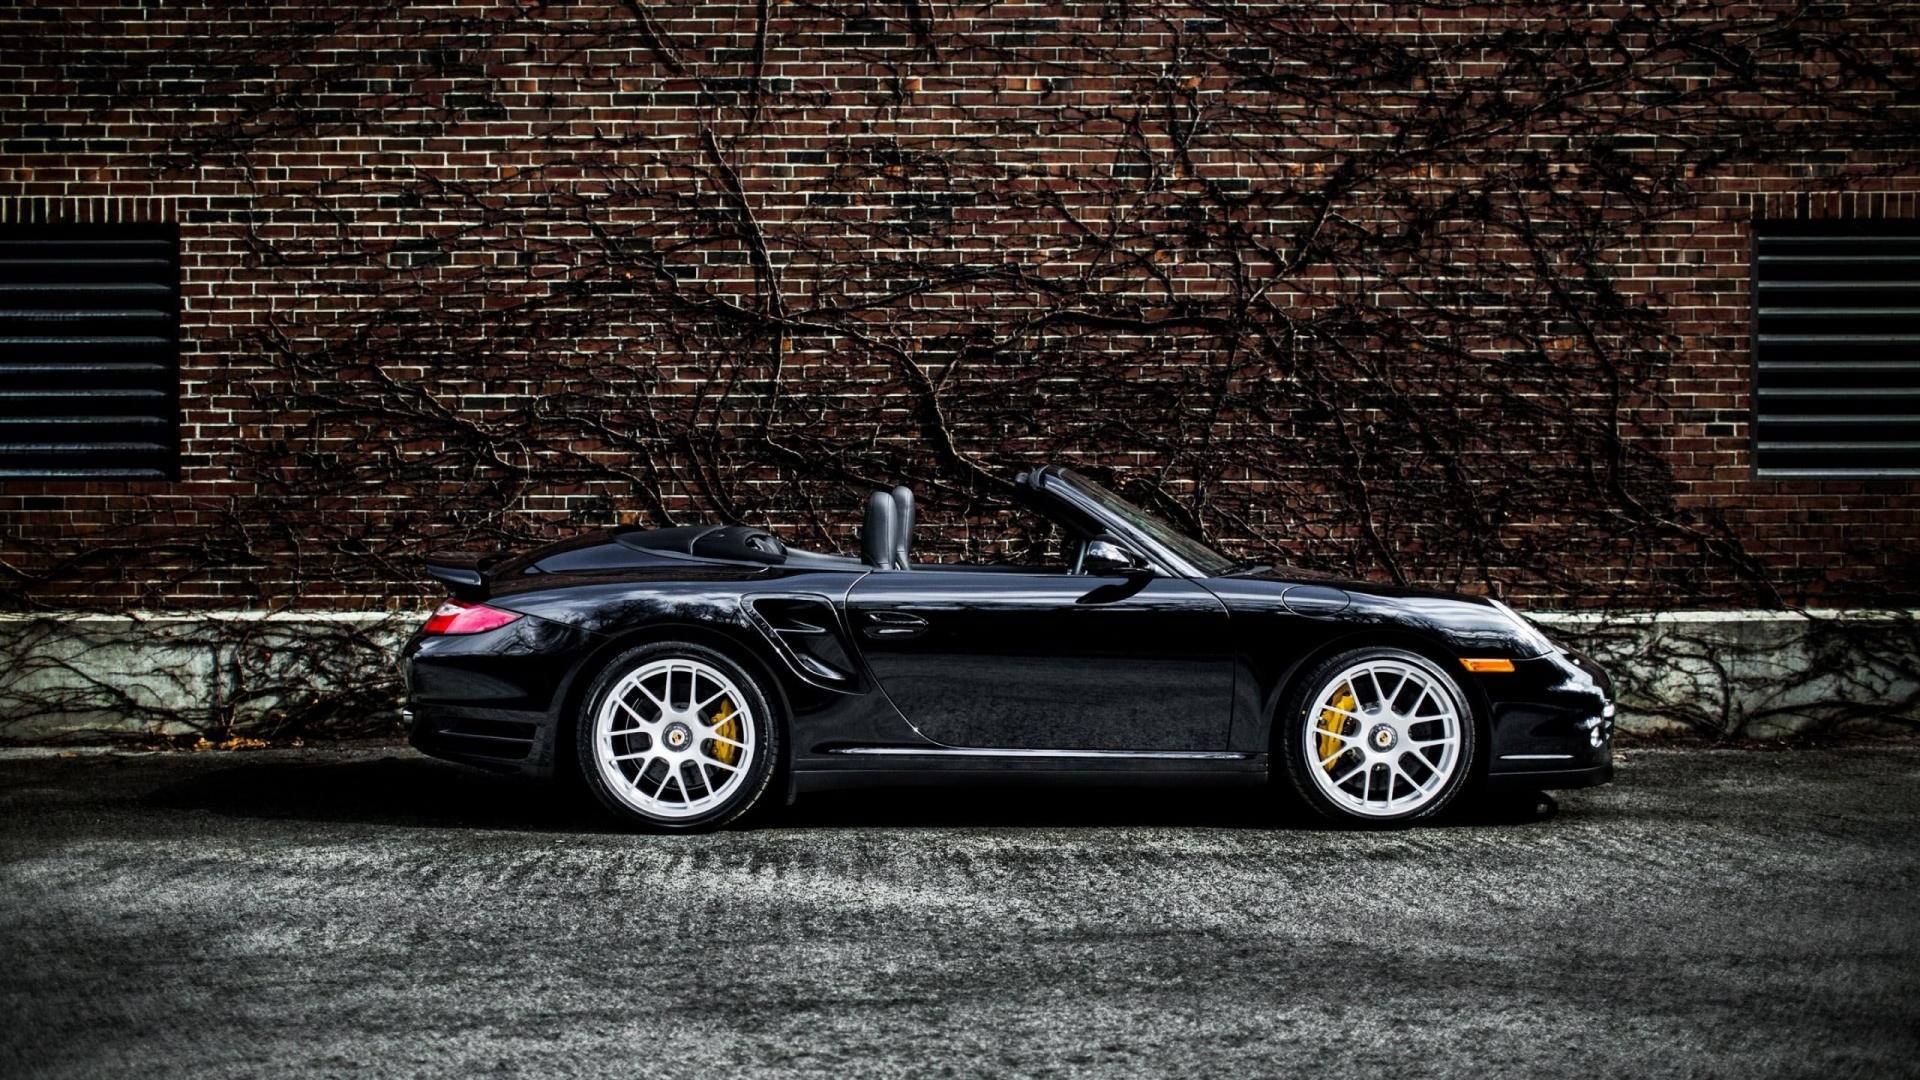 Porsche 911 Wallpaper Hd wallpaper   573384 1920x1080